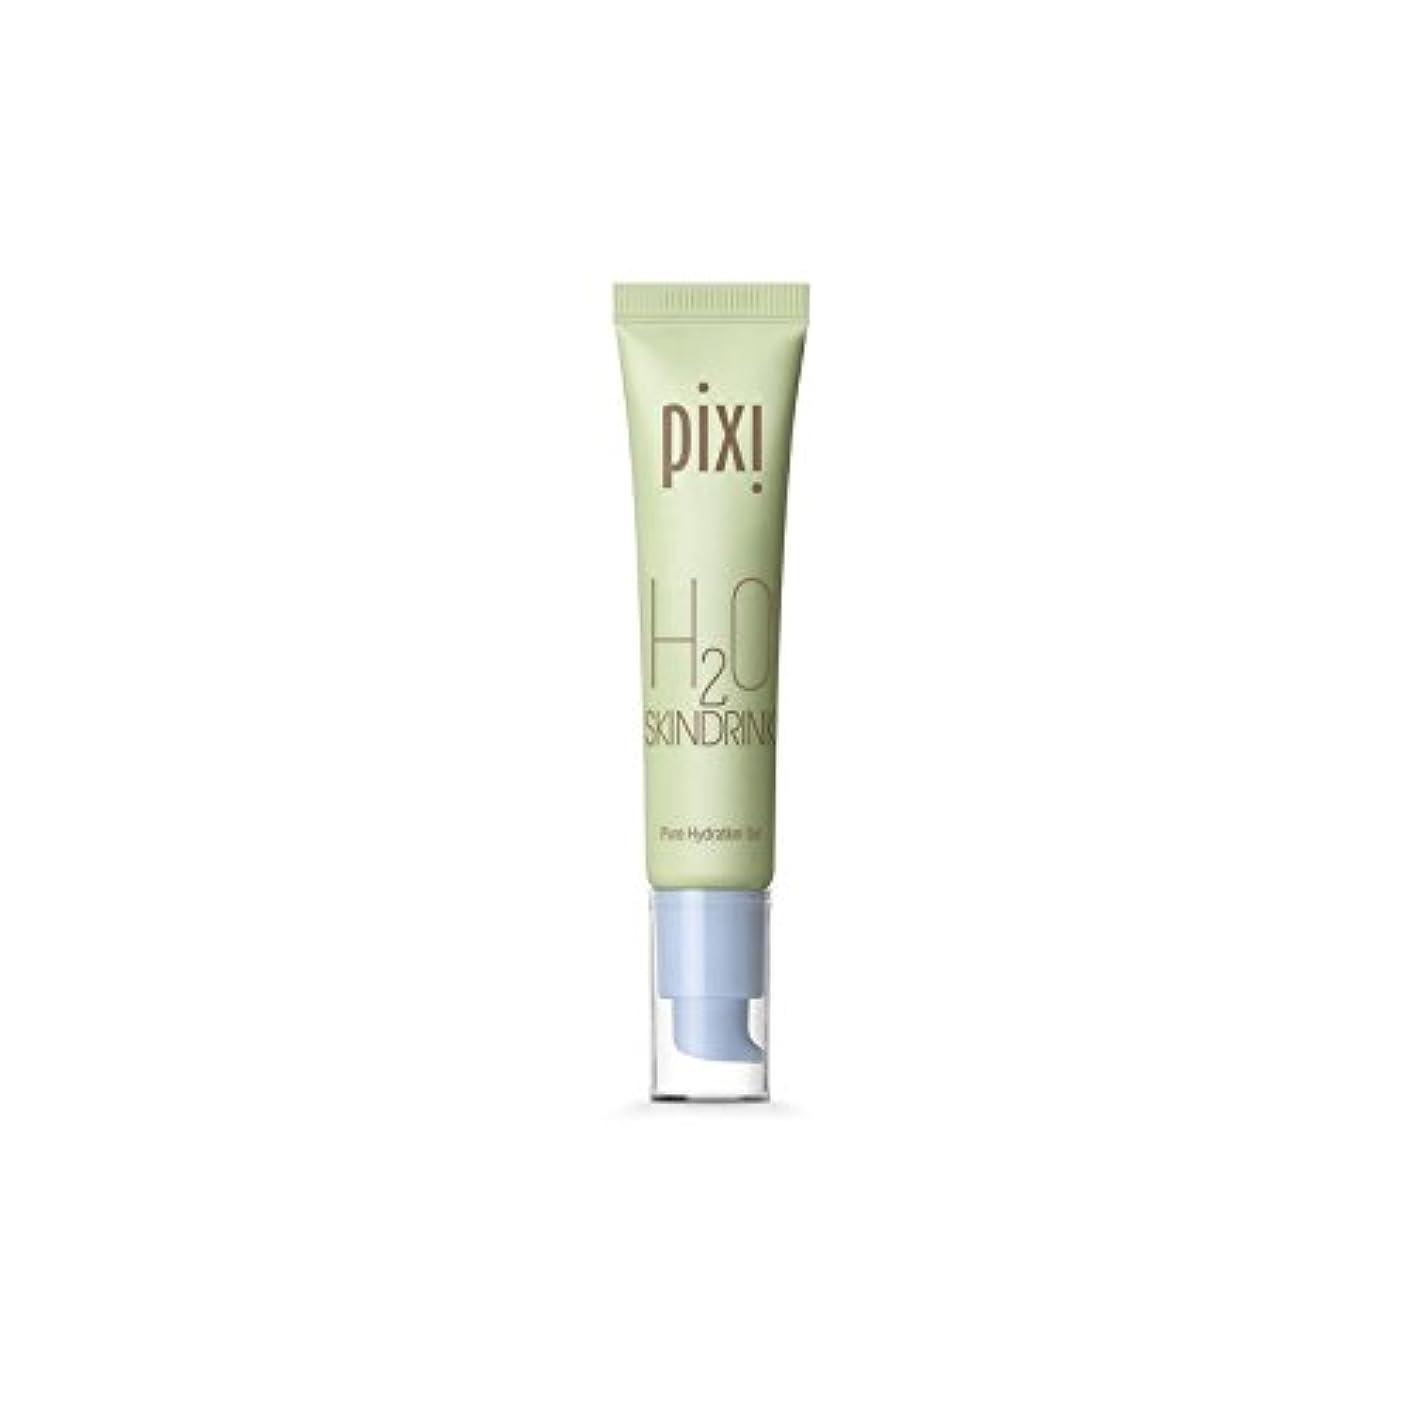 バルクキャベツ連邦20スキンドリンク x2 - Pixi H20 Skin Drink (Pack of 2) [並行輸入品]